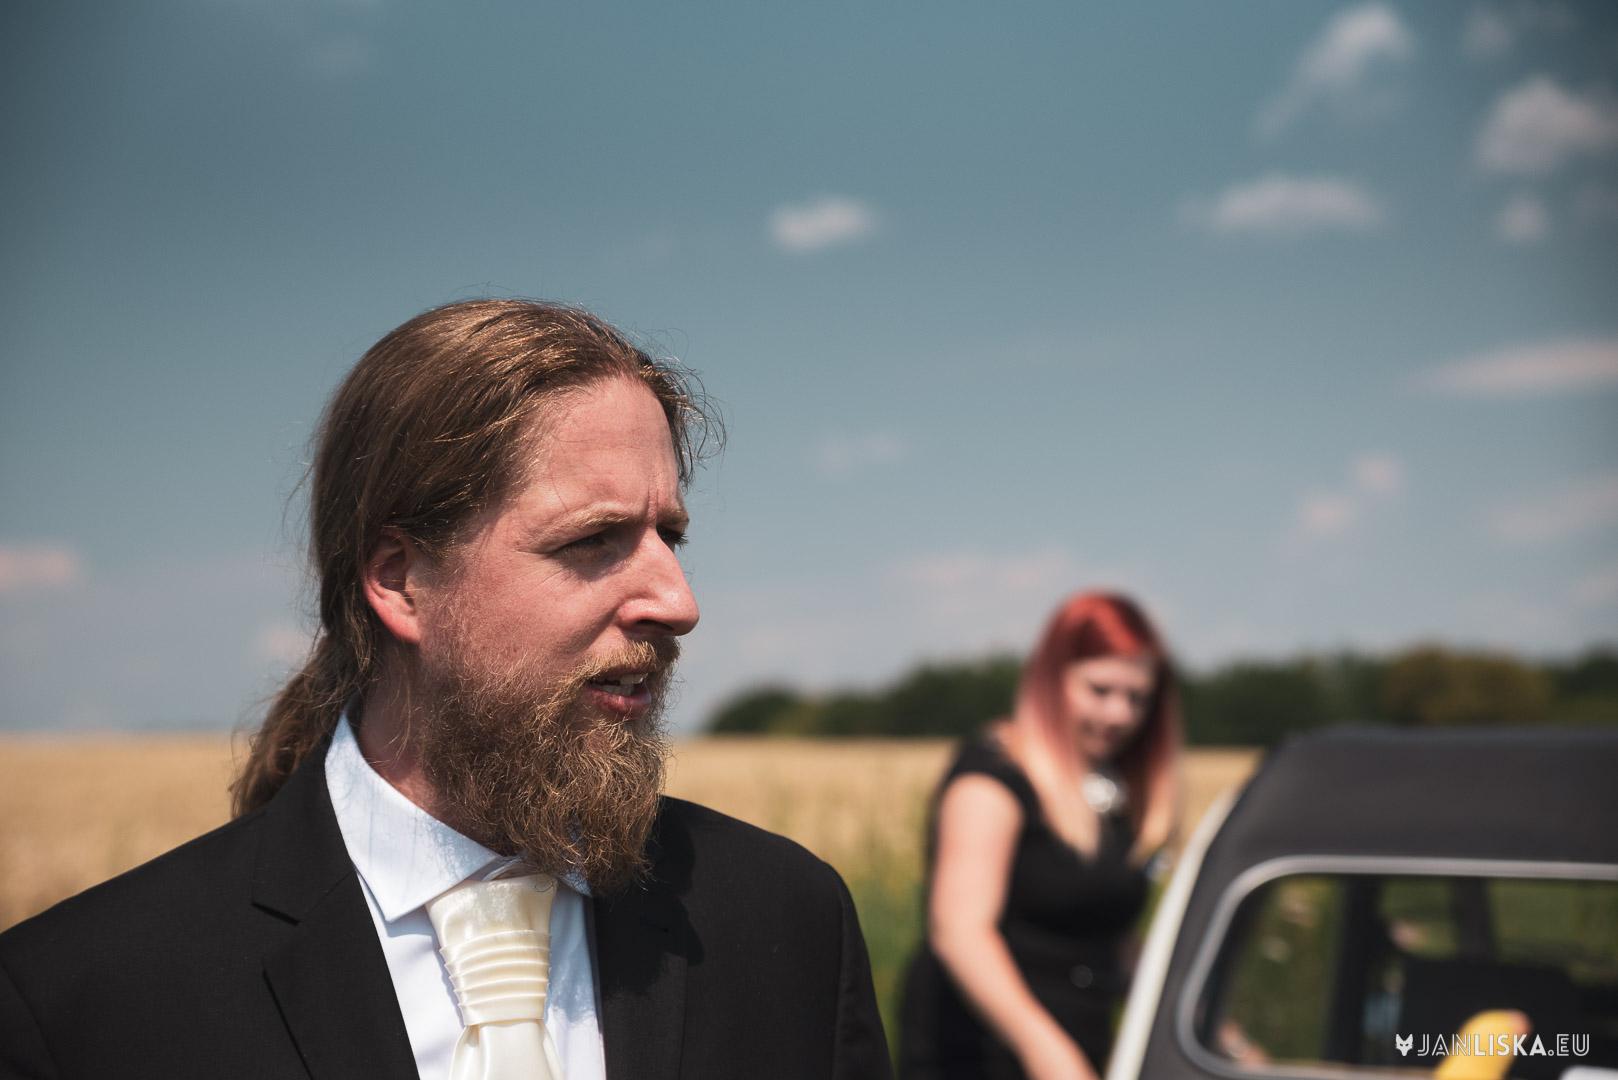 Svatební fotograf Veselí nad Lužnicí